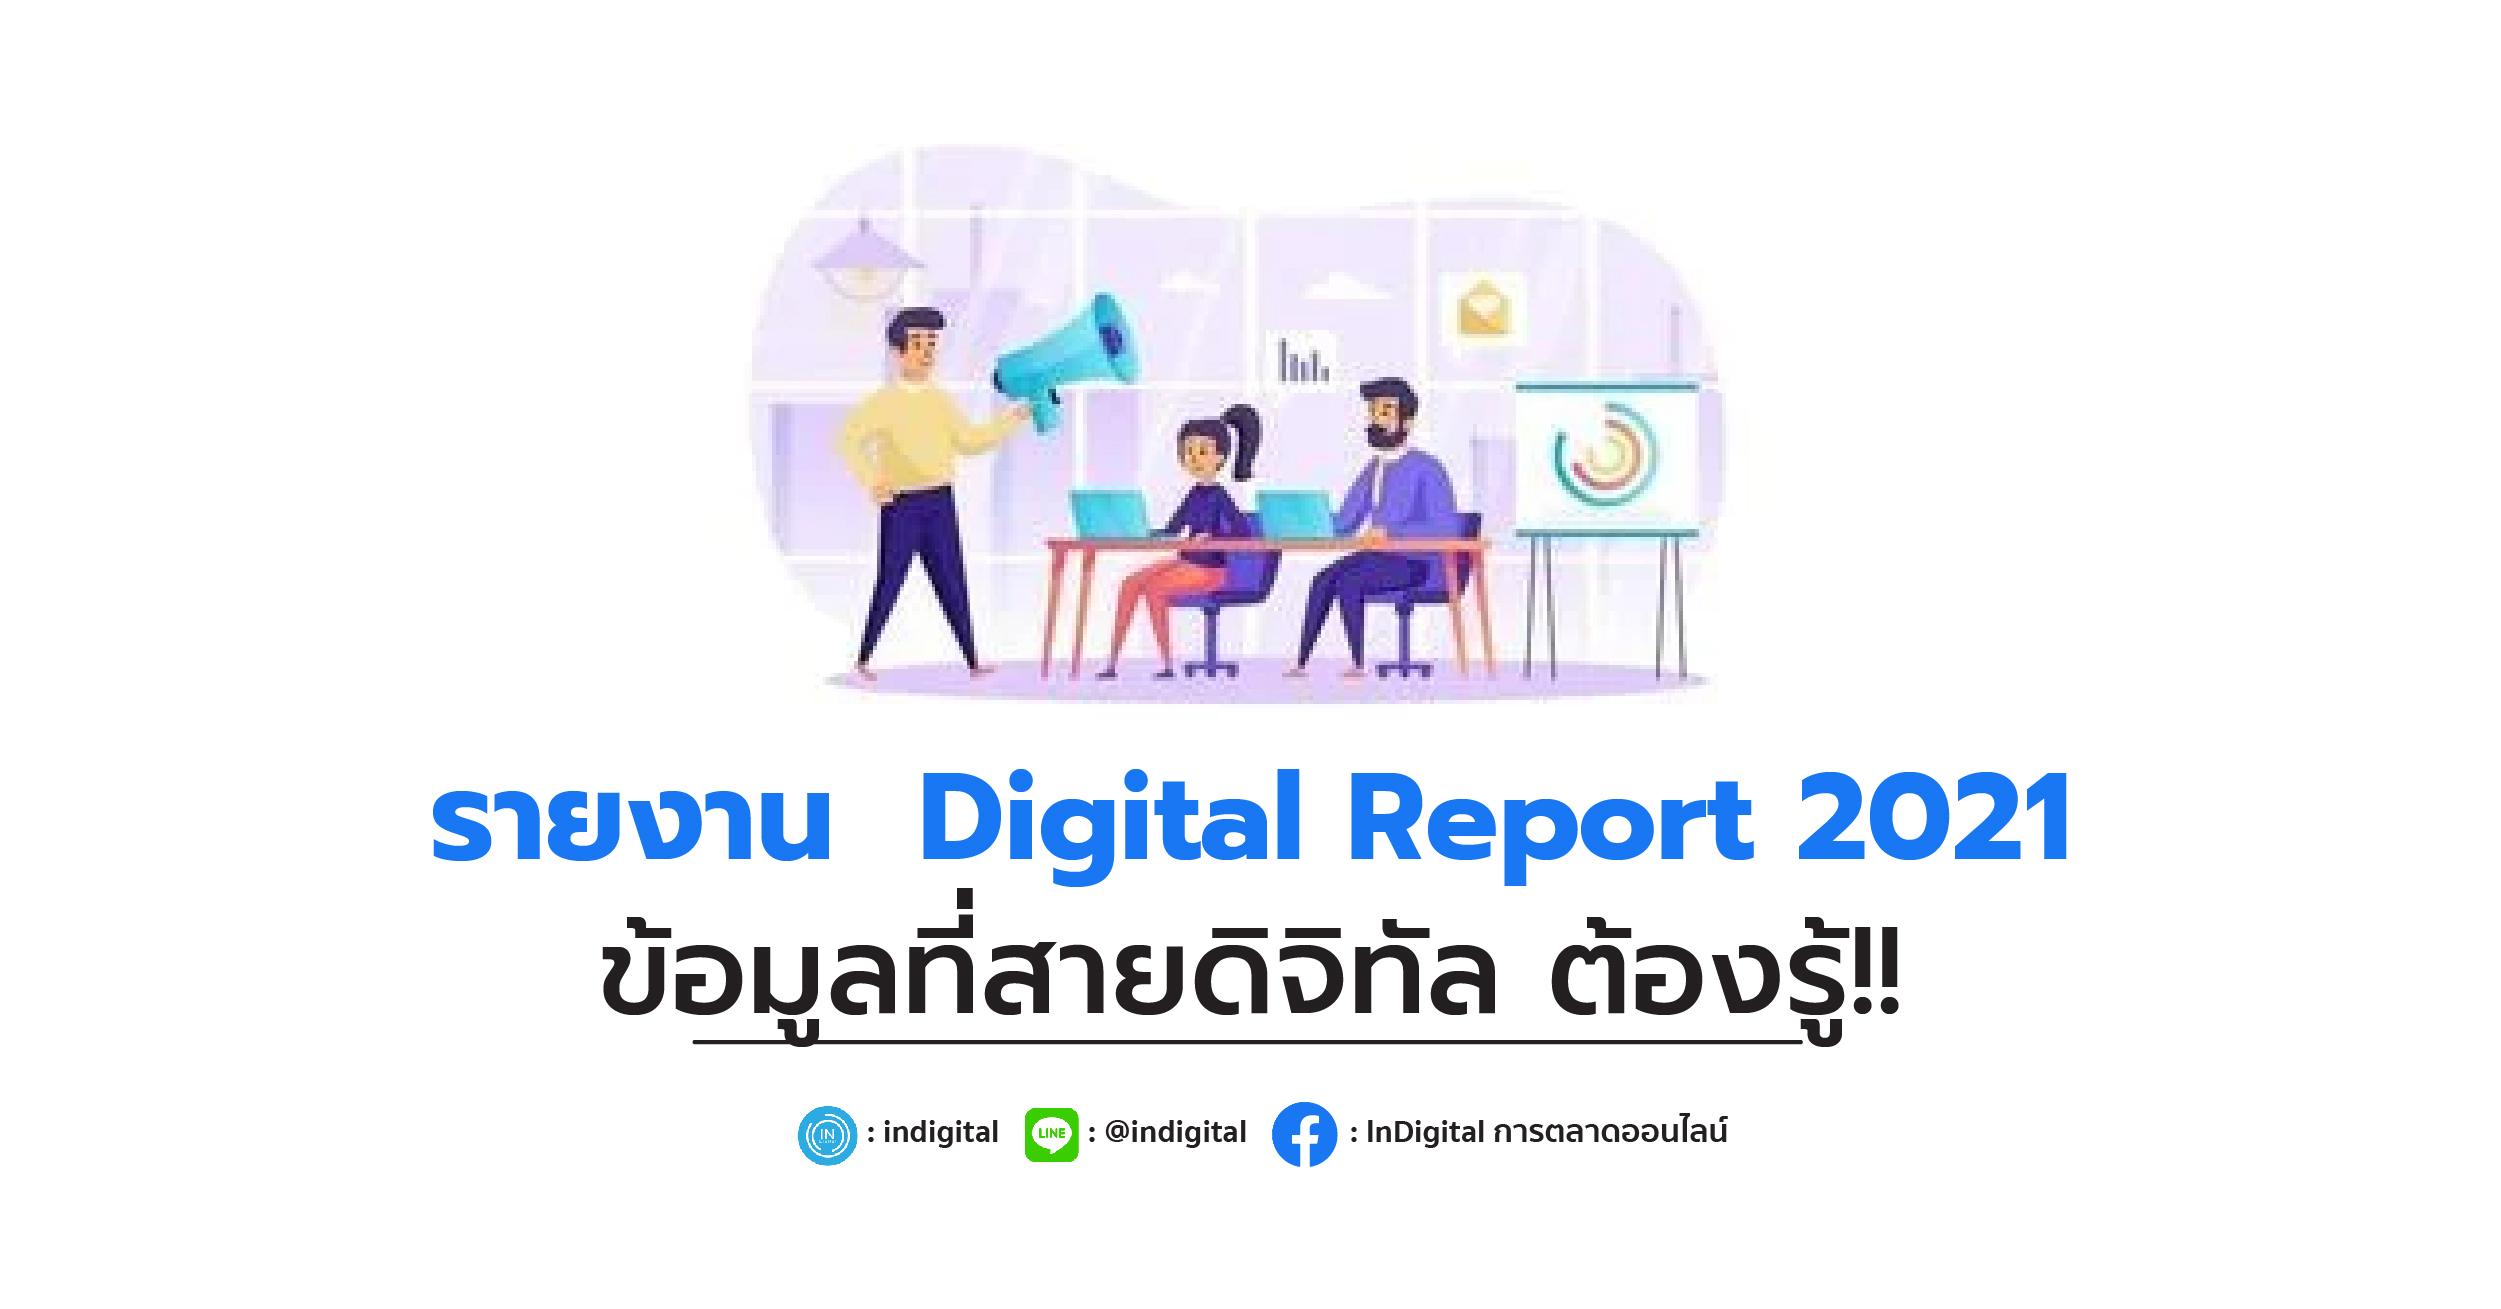 รายงาน Digital Report 2021 ข้อมูลที่สายดิจิทัล ต้องรู้!!